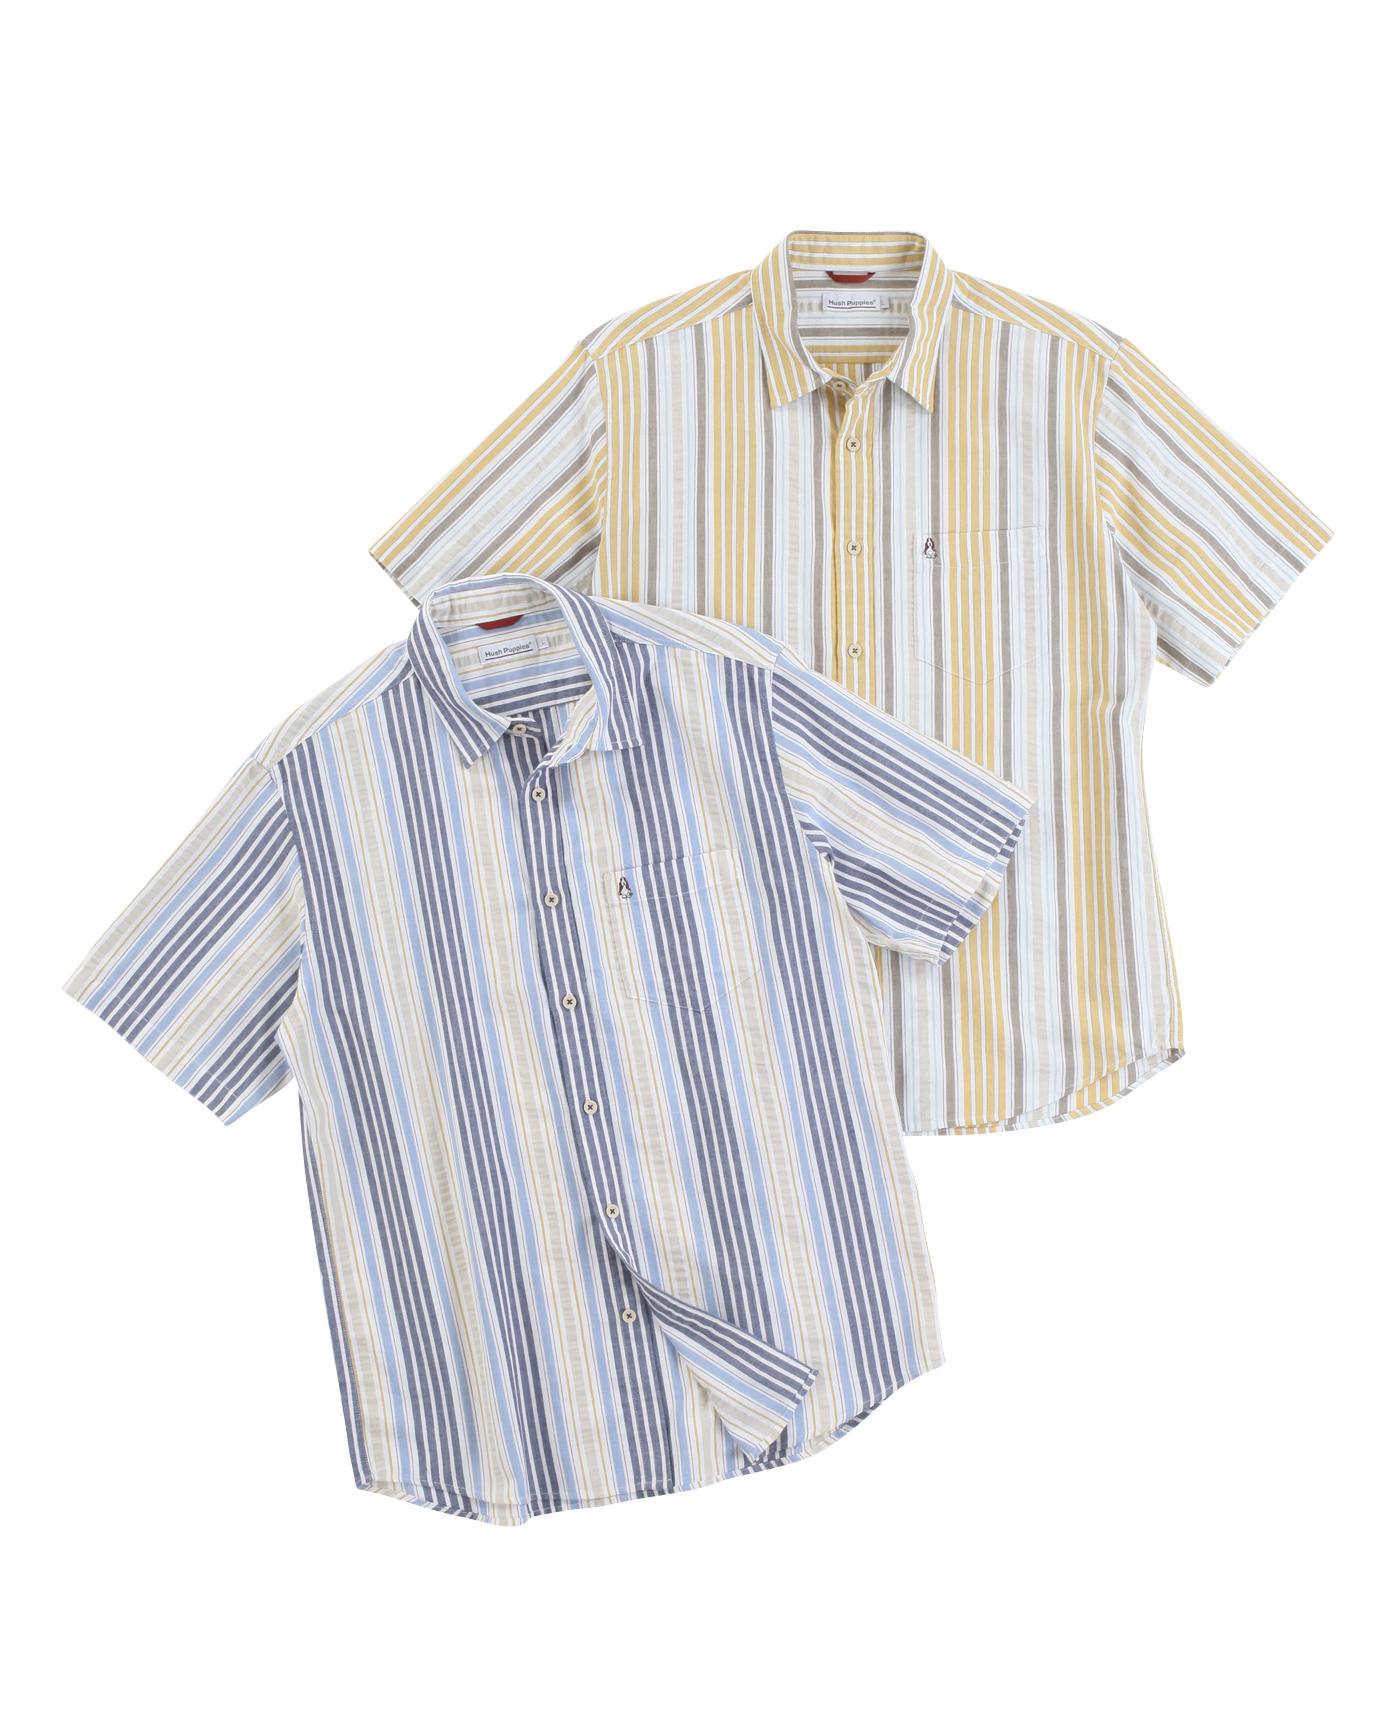 【JAPAN FABRIC】サッカーマルチストライプシャツ